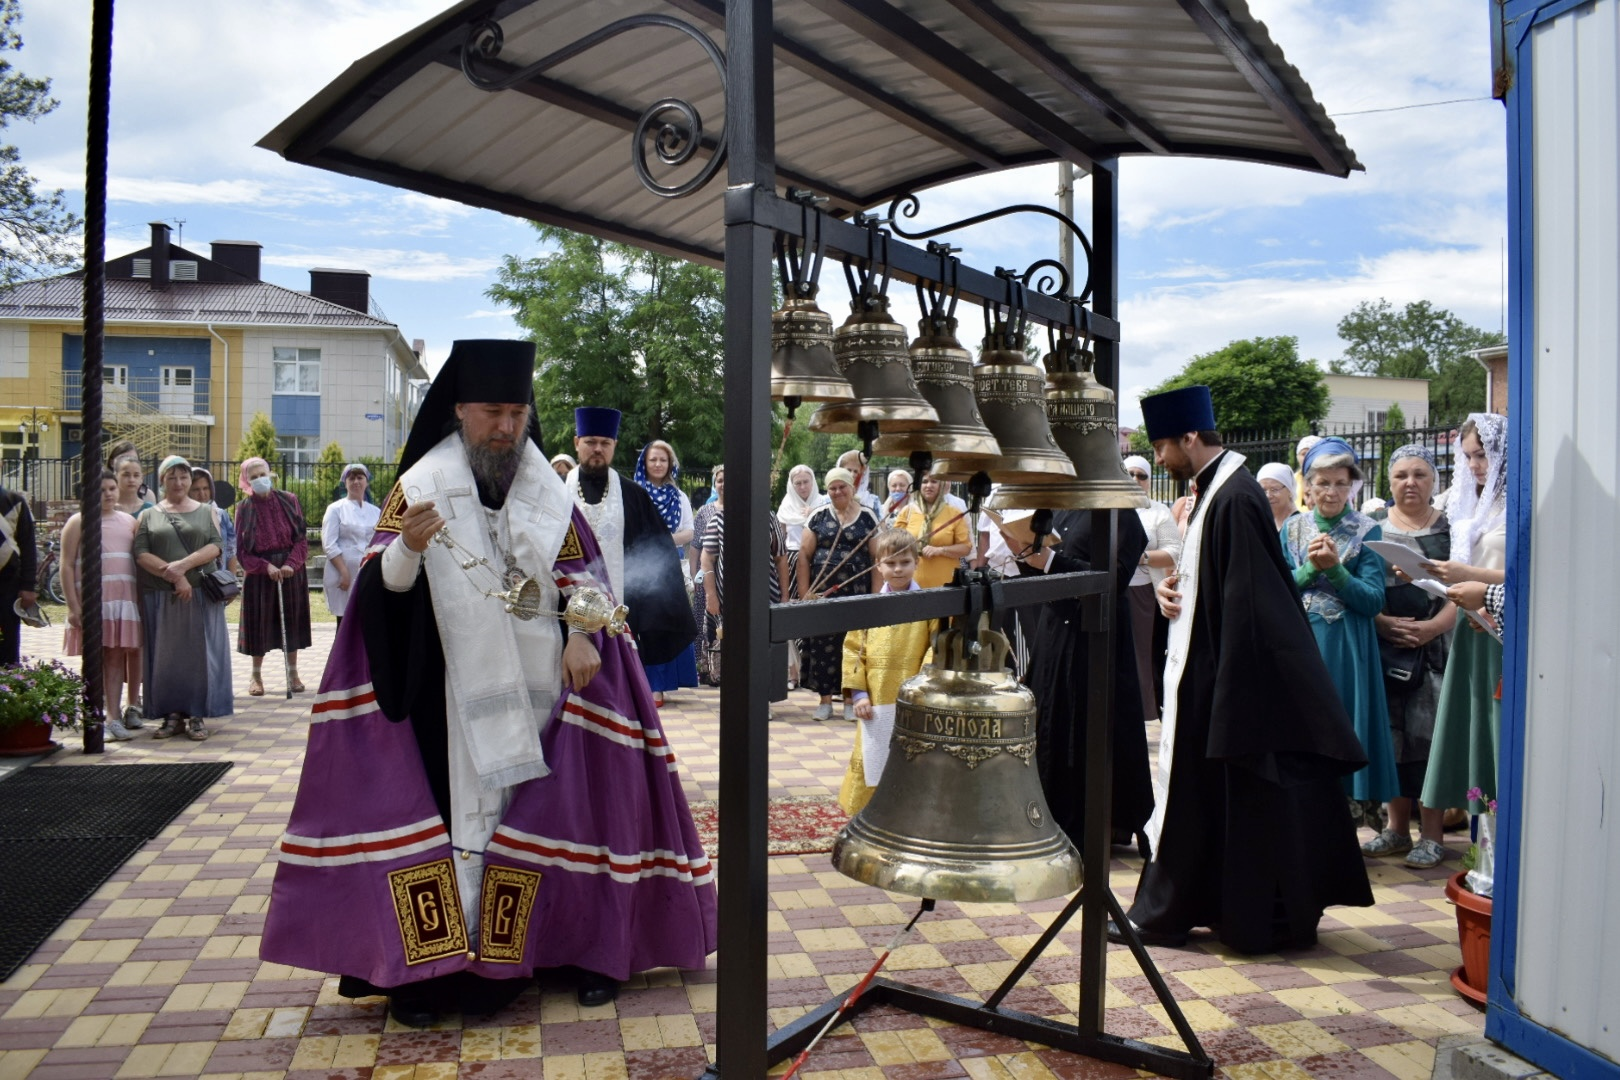 Освящение колоколов для звонницы храма святителя Спиридона Тримифунтского поселка Заветного города Армавира